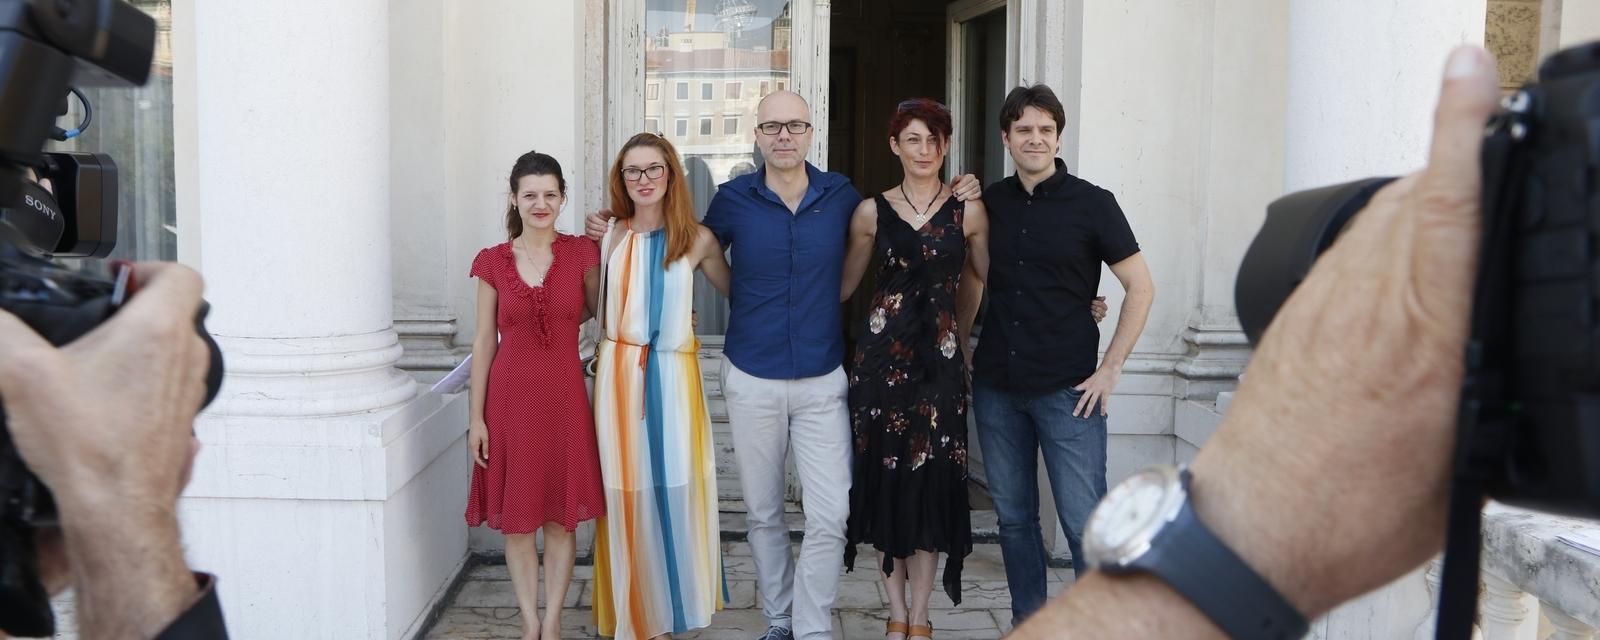 Predstavljen program HNK Ivana pl. Zajca za sezonu 17/18